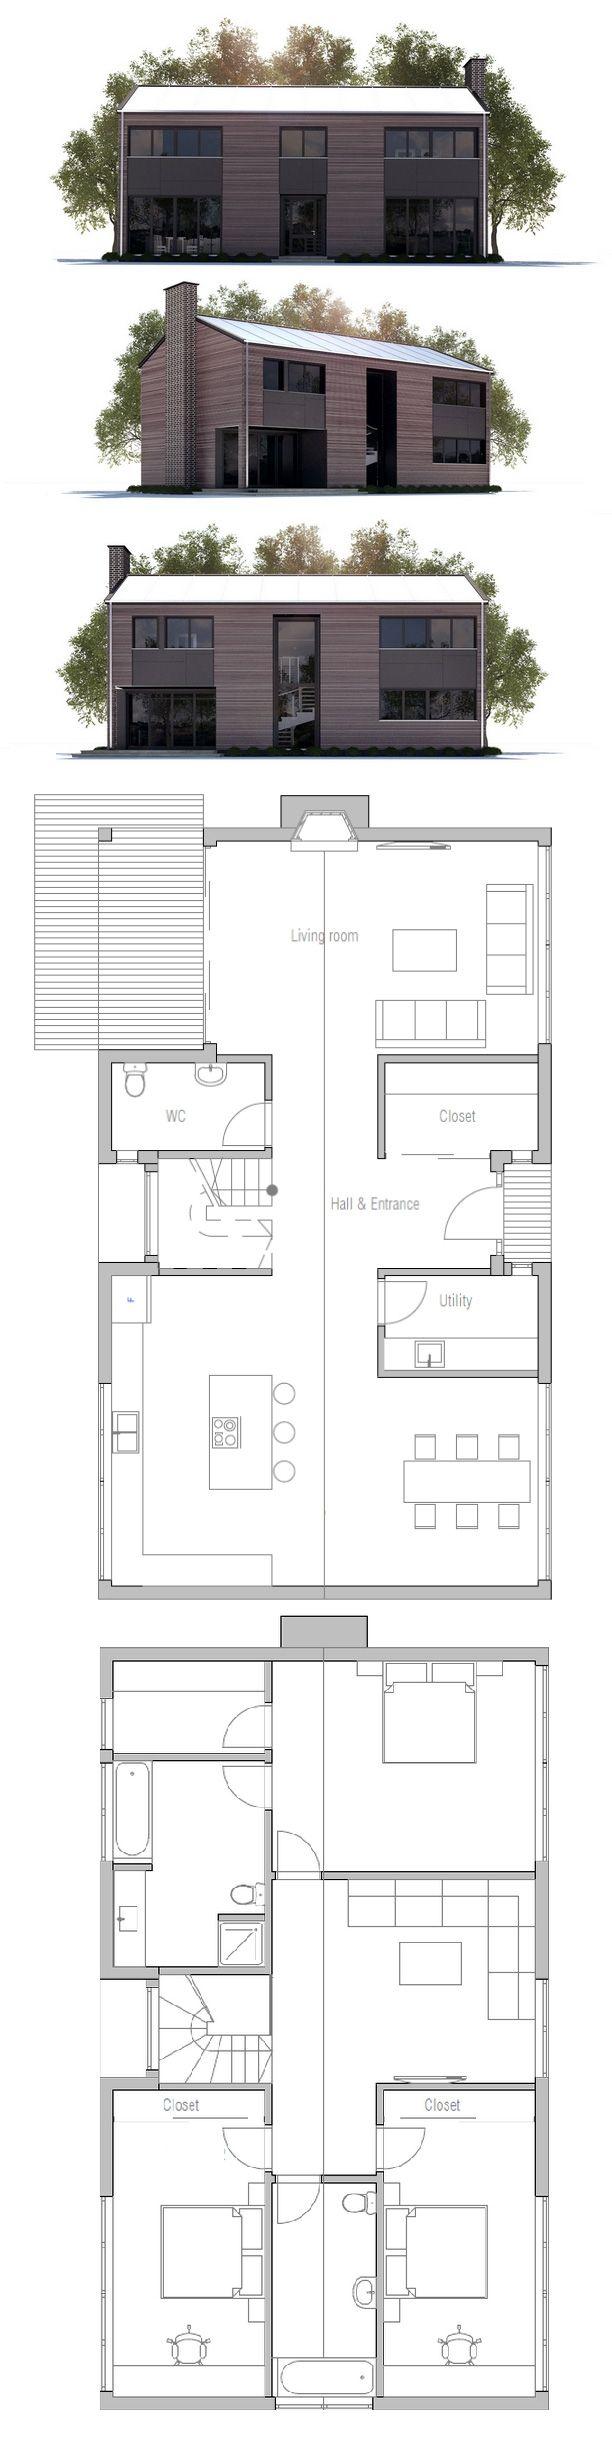 Bauernhaus grundrisse einrichtung architektur modernes haus grundrisse kleine moderne häuser 2 stöckige häuser home pläne